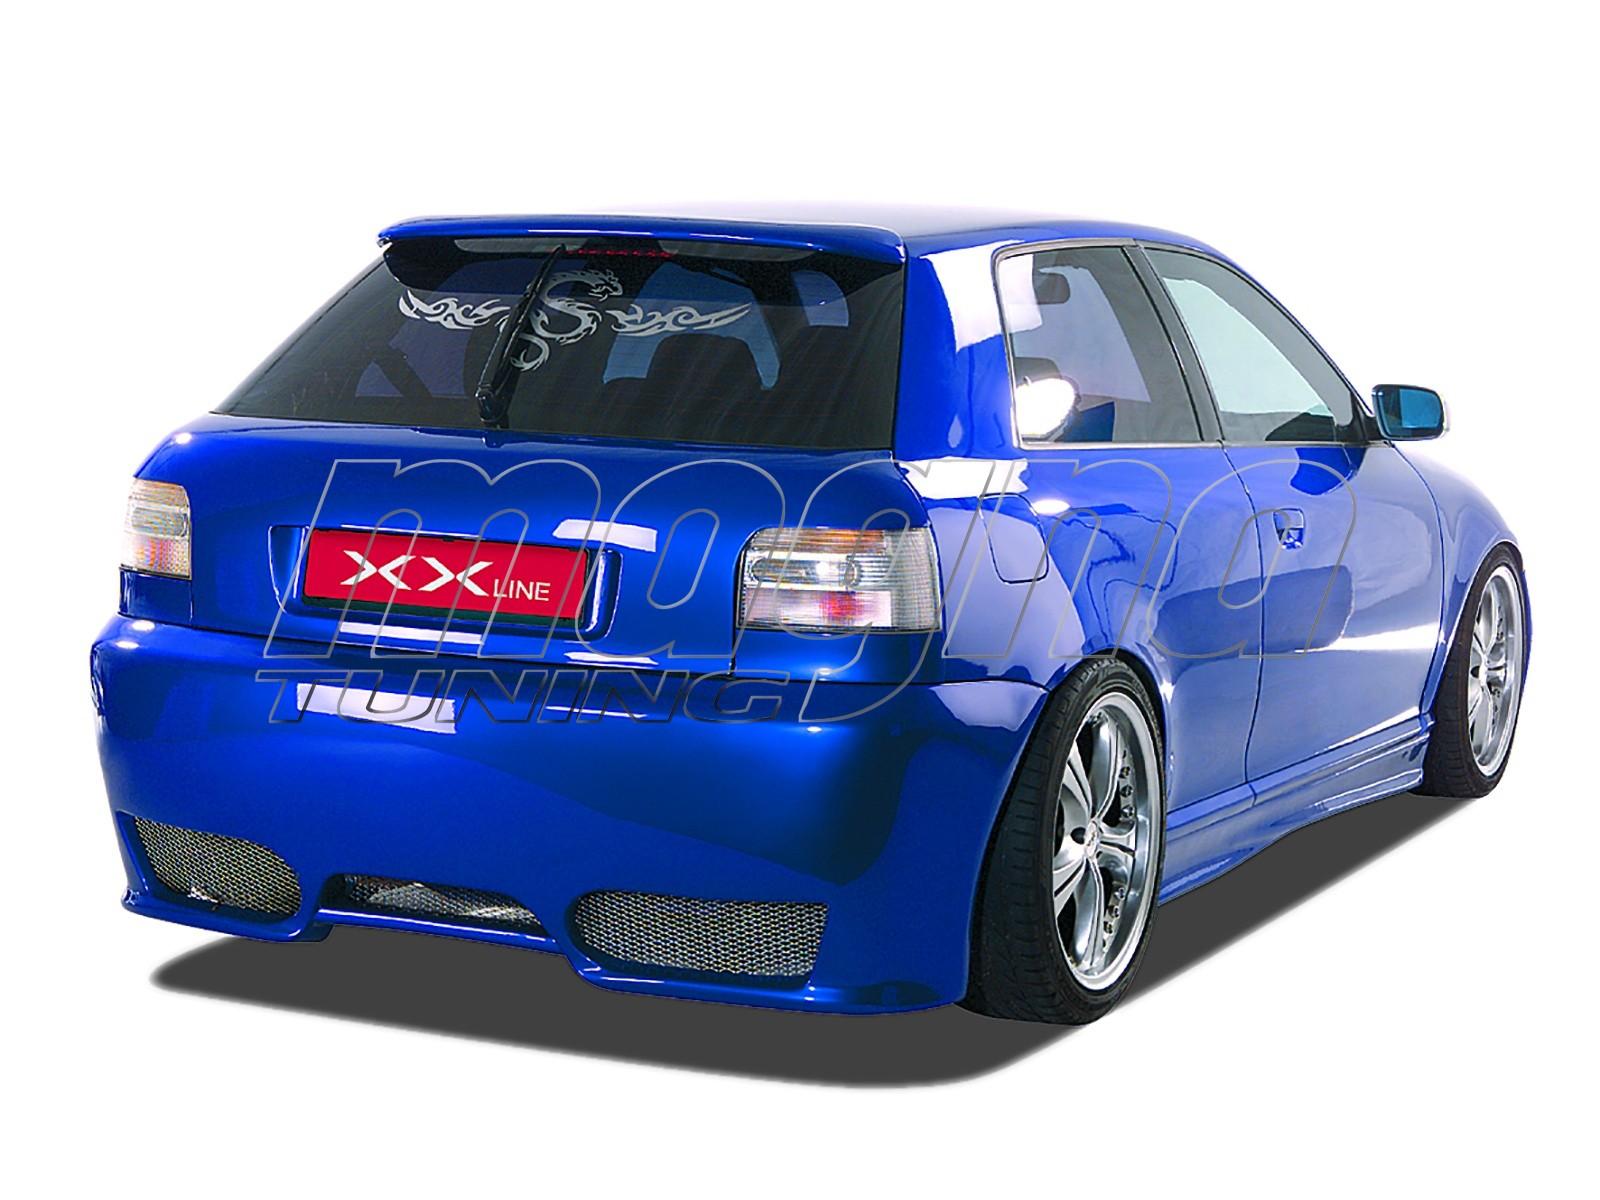 Audi A3 8L XXL-Line Rear Bumper